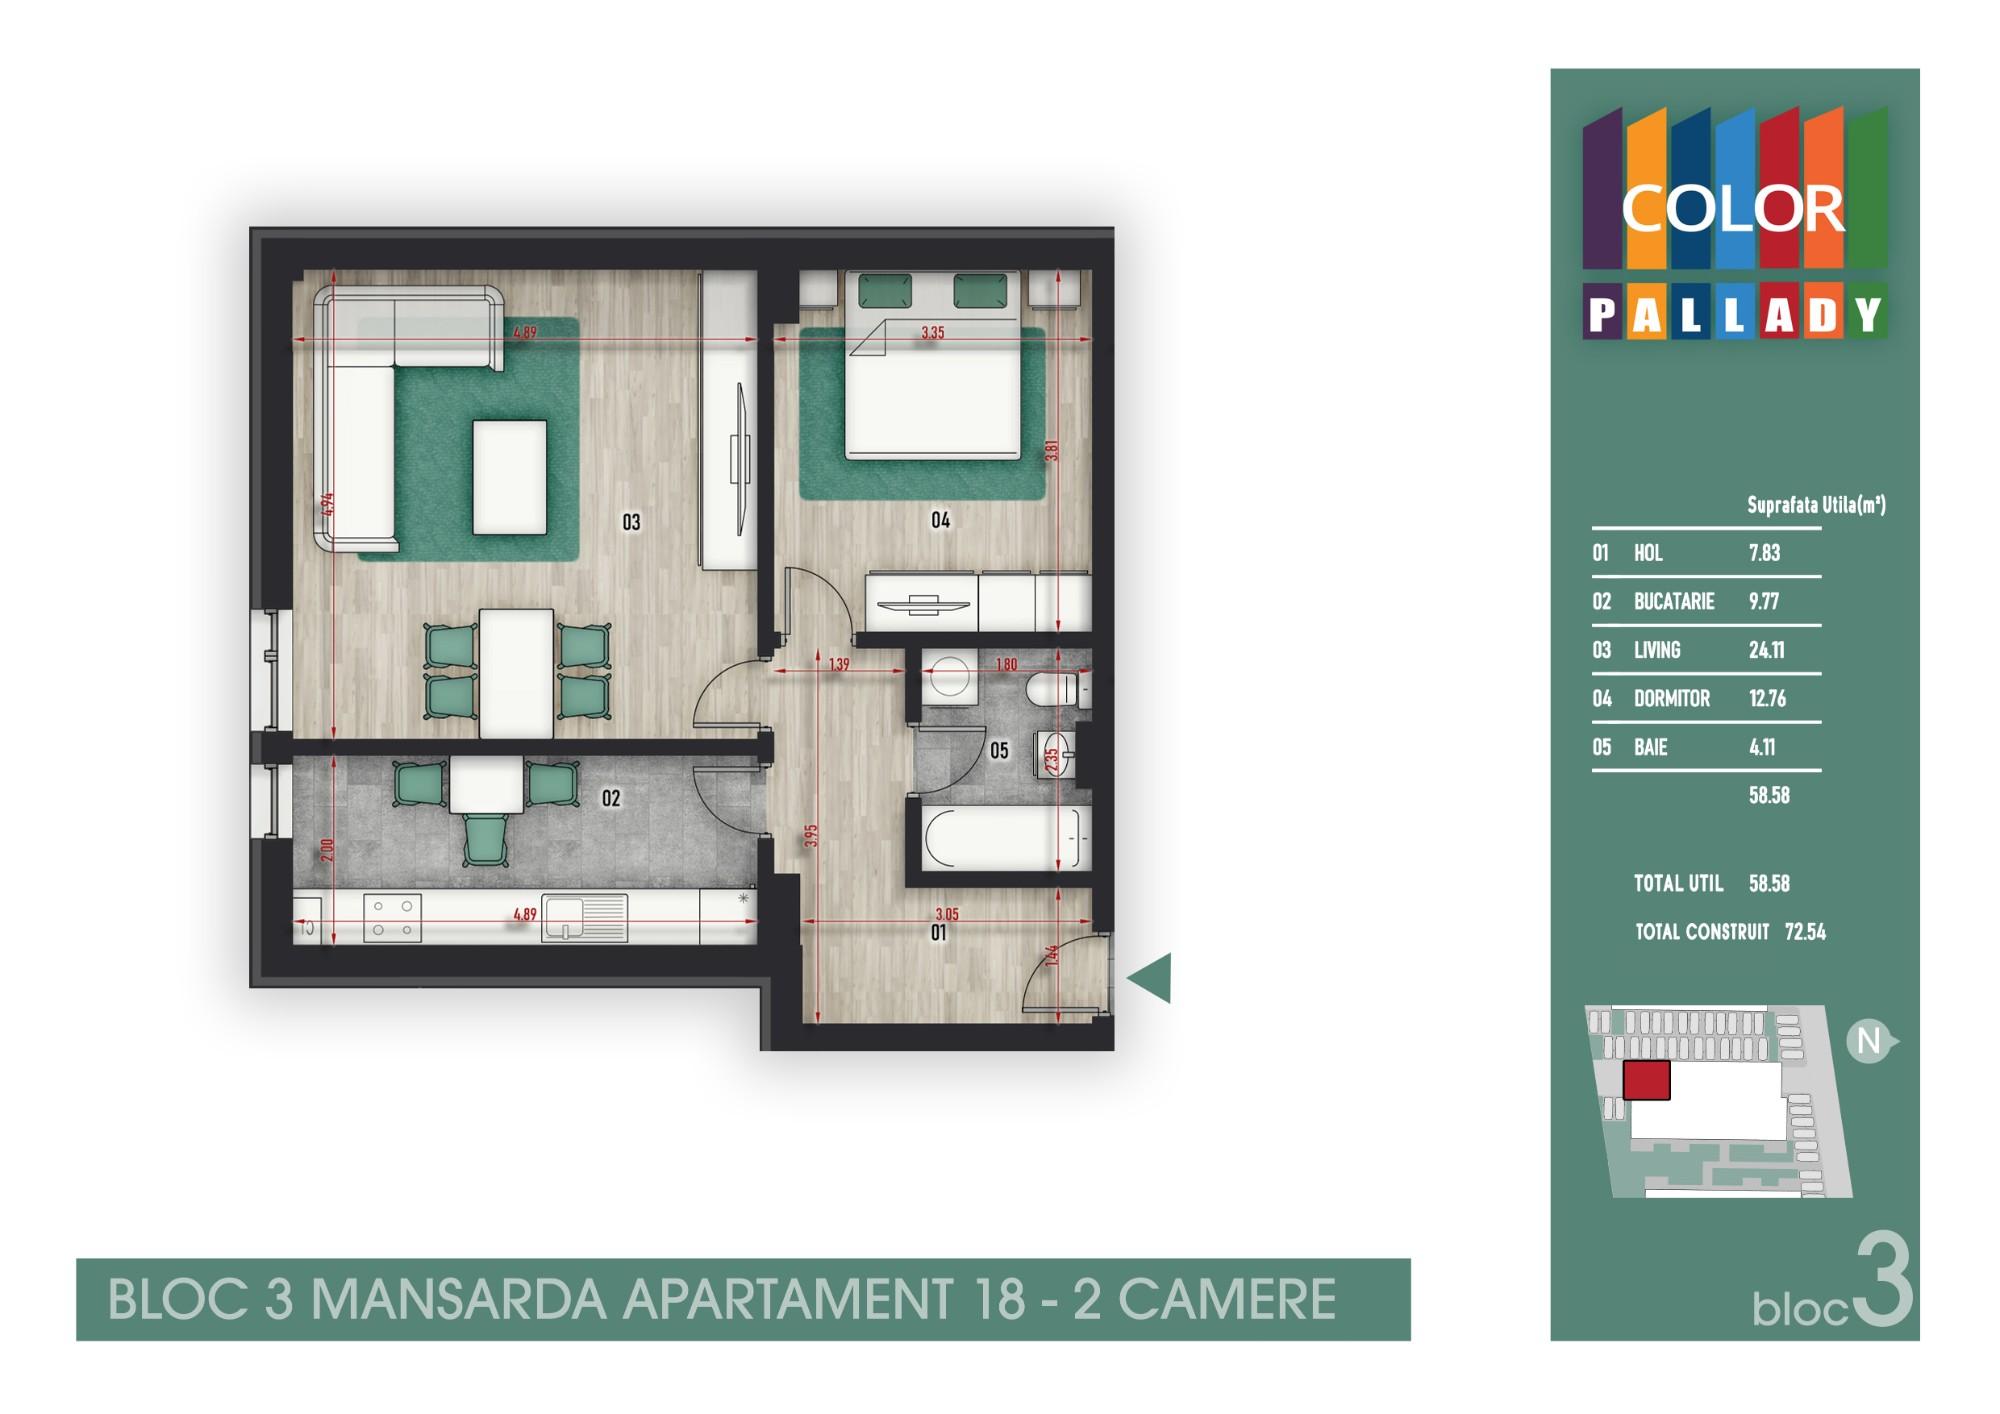 Bloc 3 - Mansarda - Apartament 18